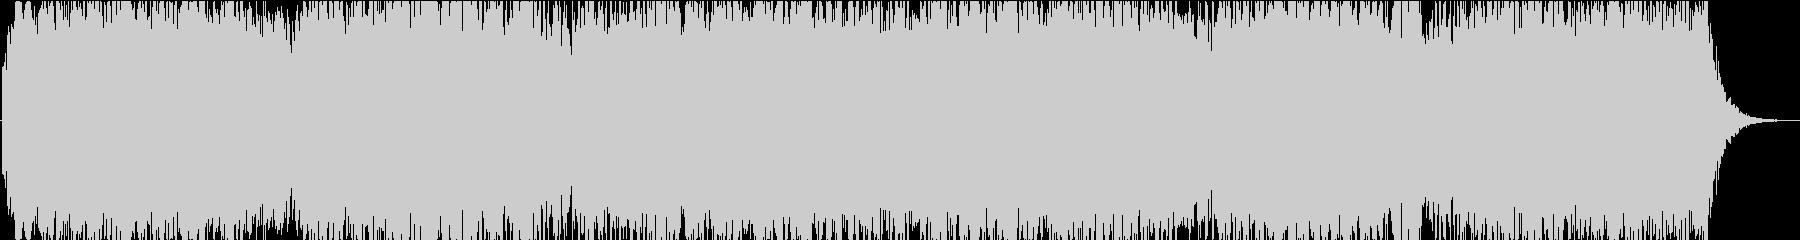 サイエンス・ドキュメンタリー系BGMの未再生の波形